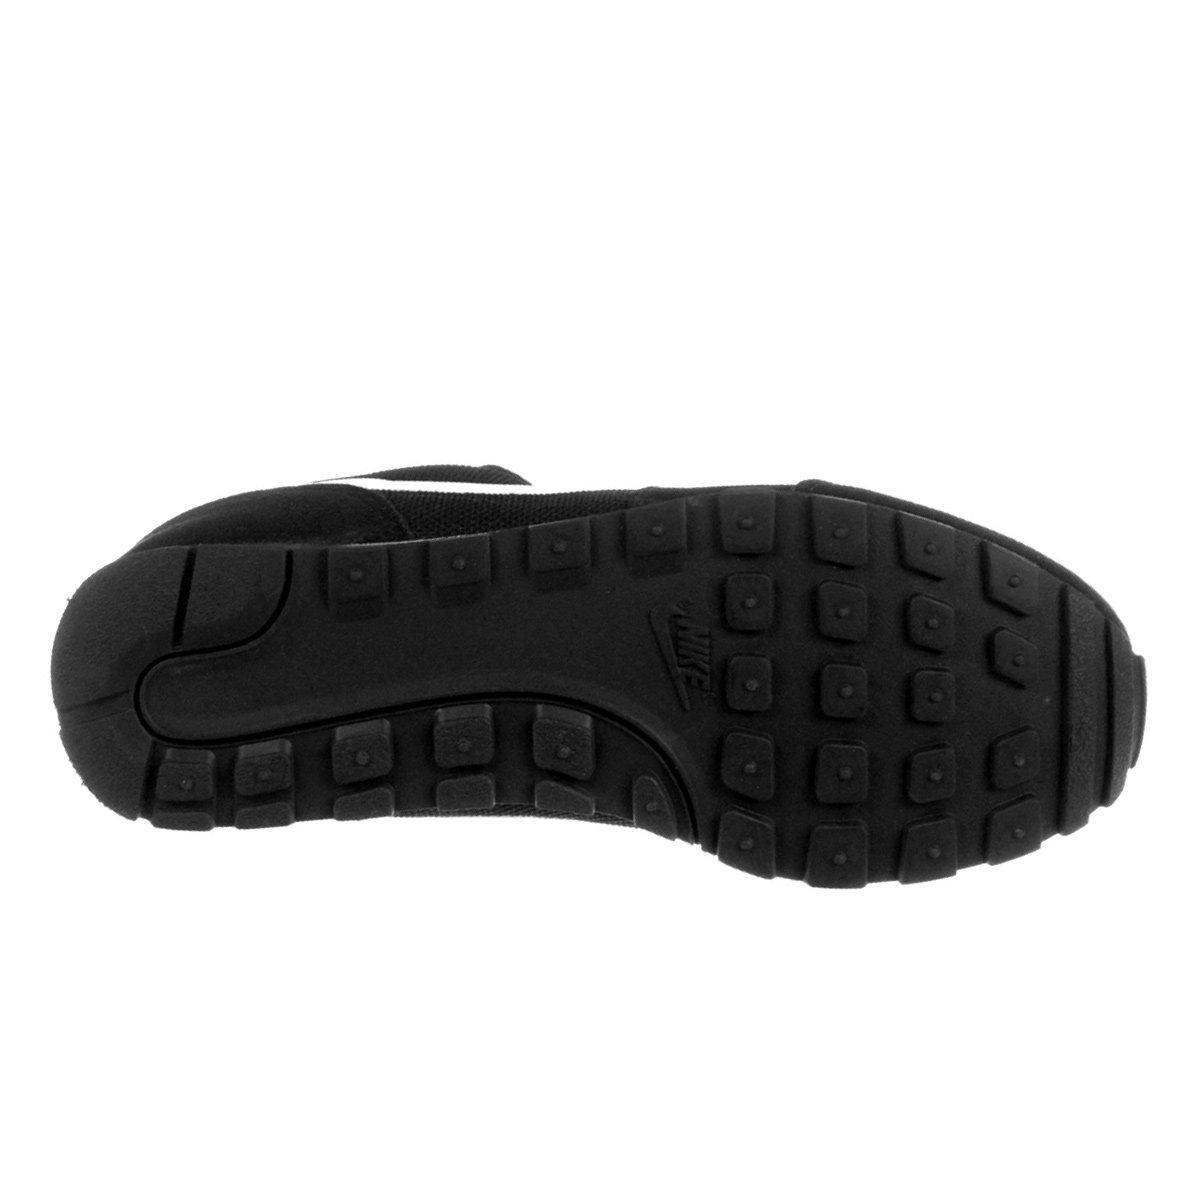 Tênis Nike Md Runner 2 Masculino - 1